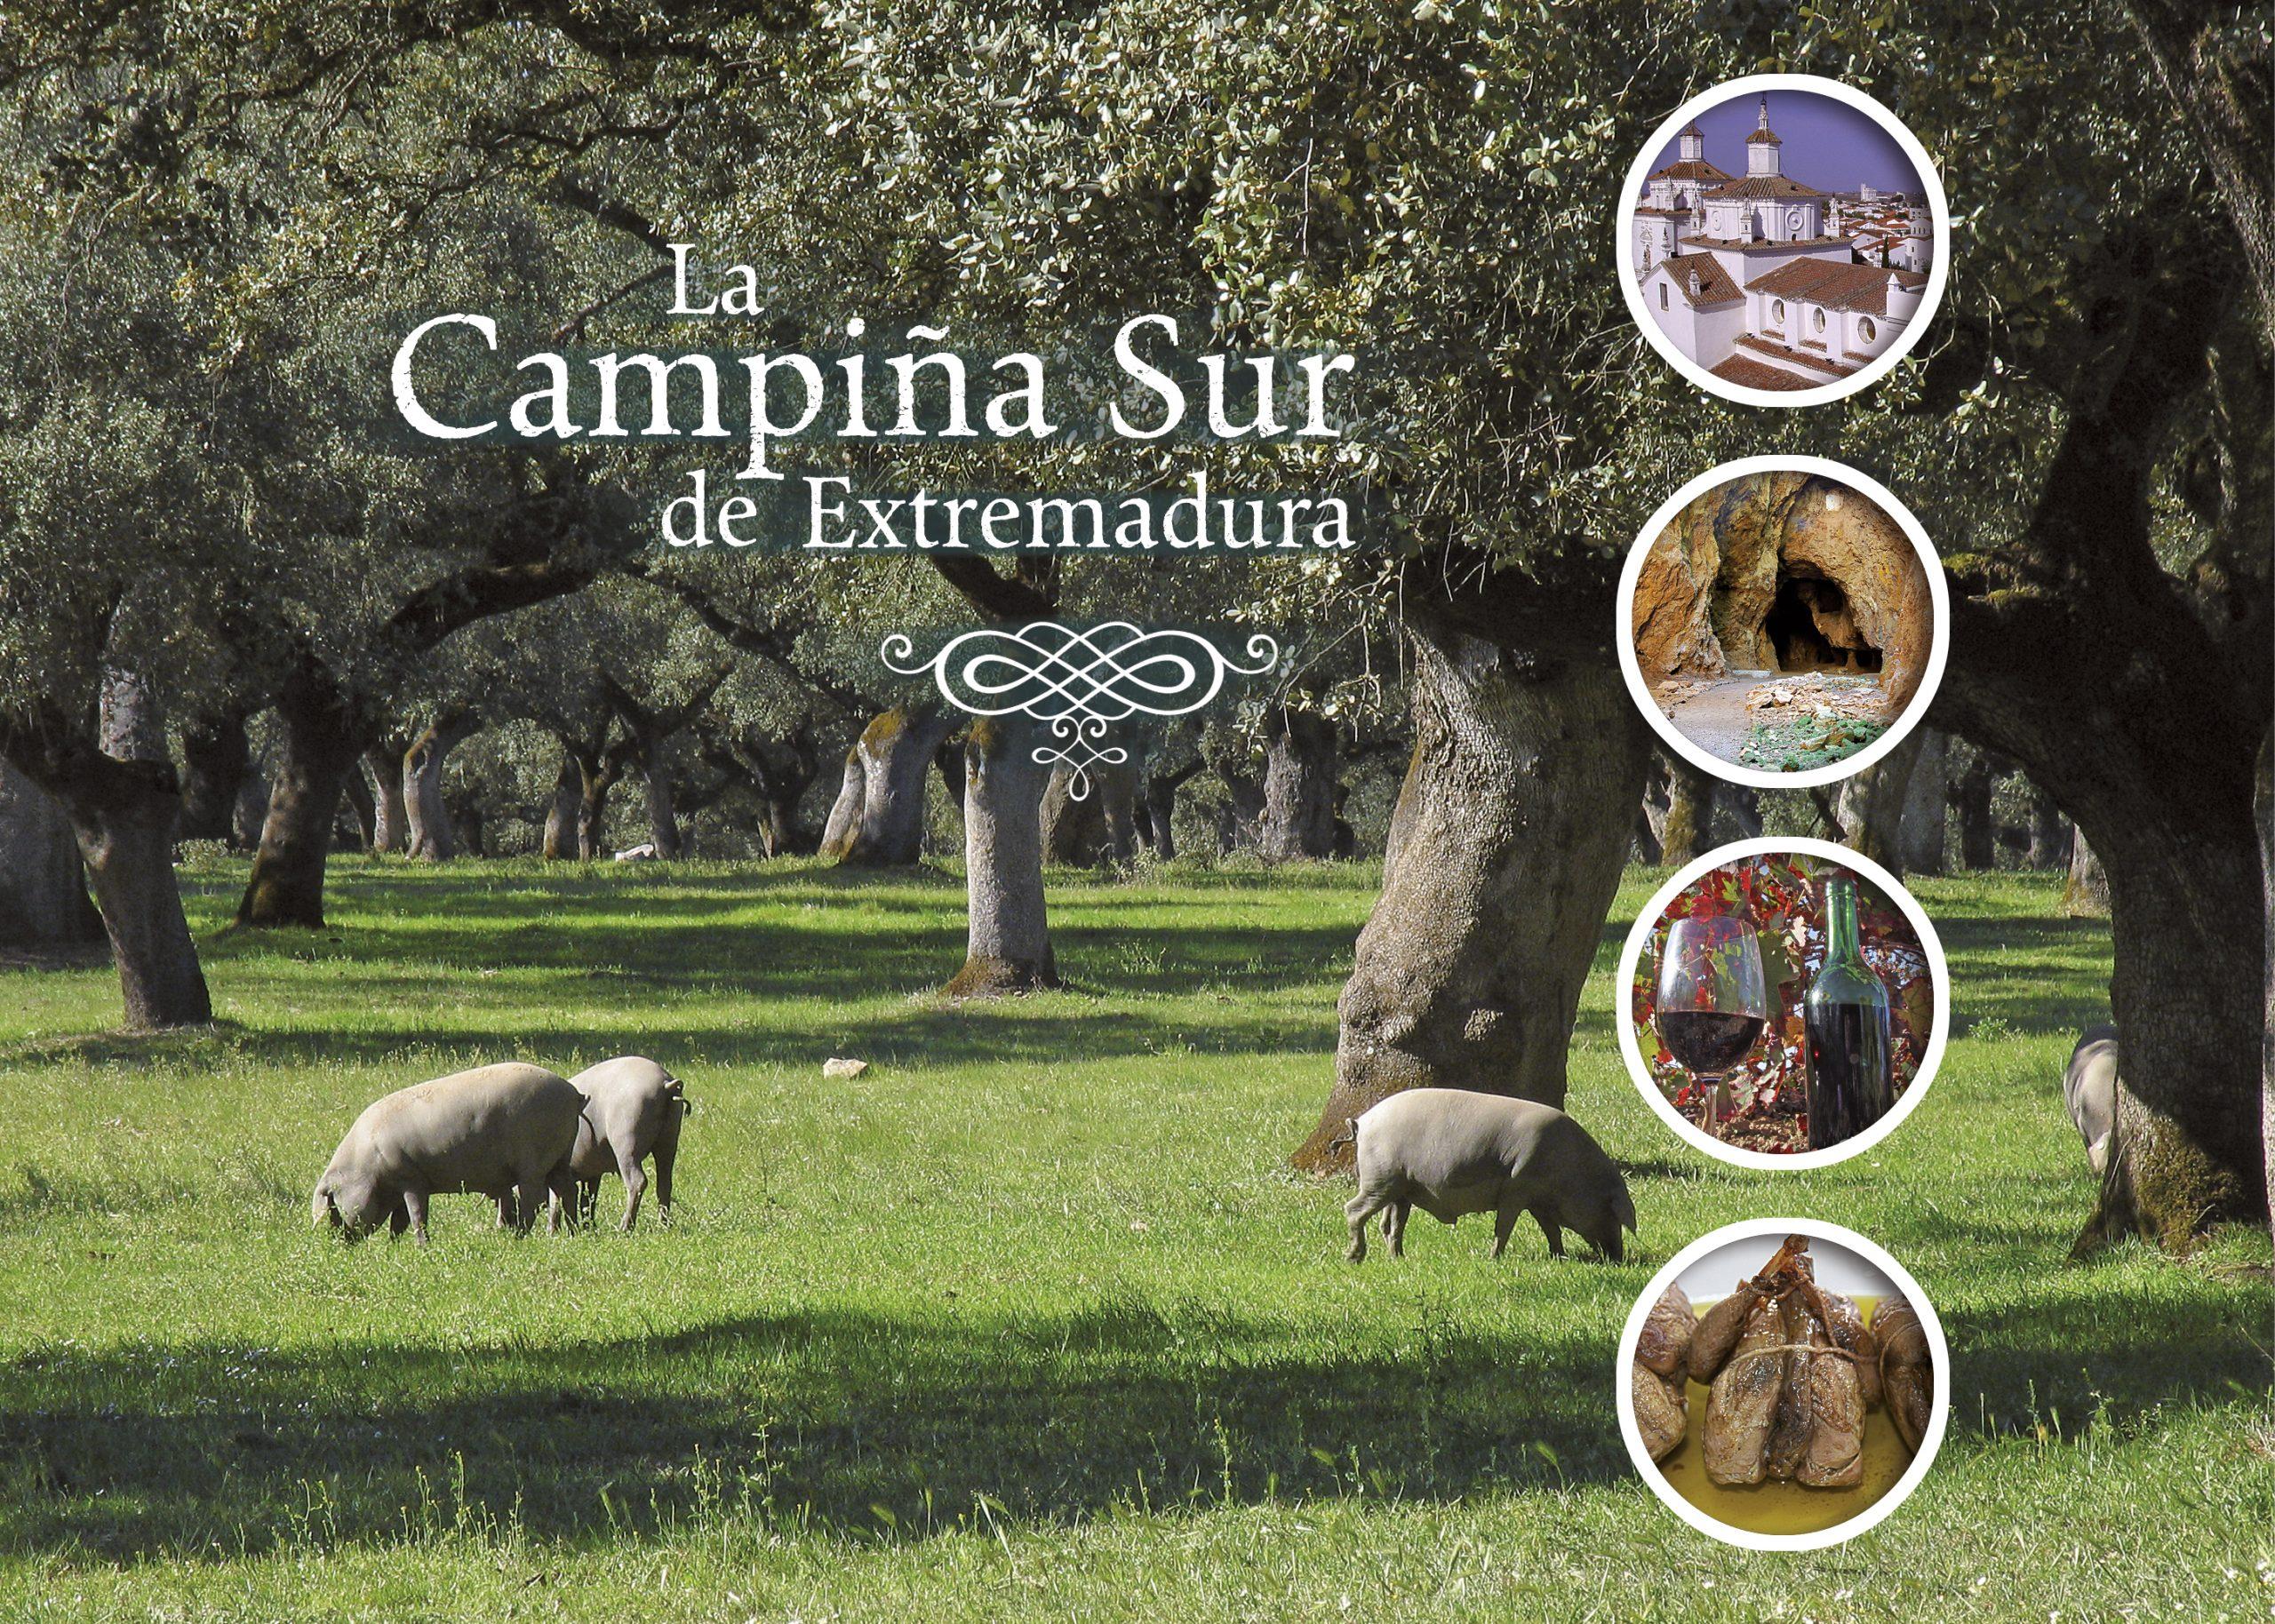 La Campiña Sur de Extremadura